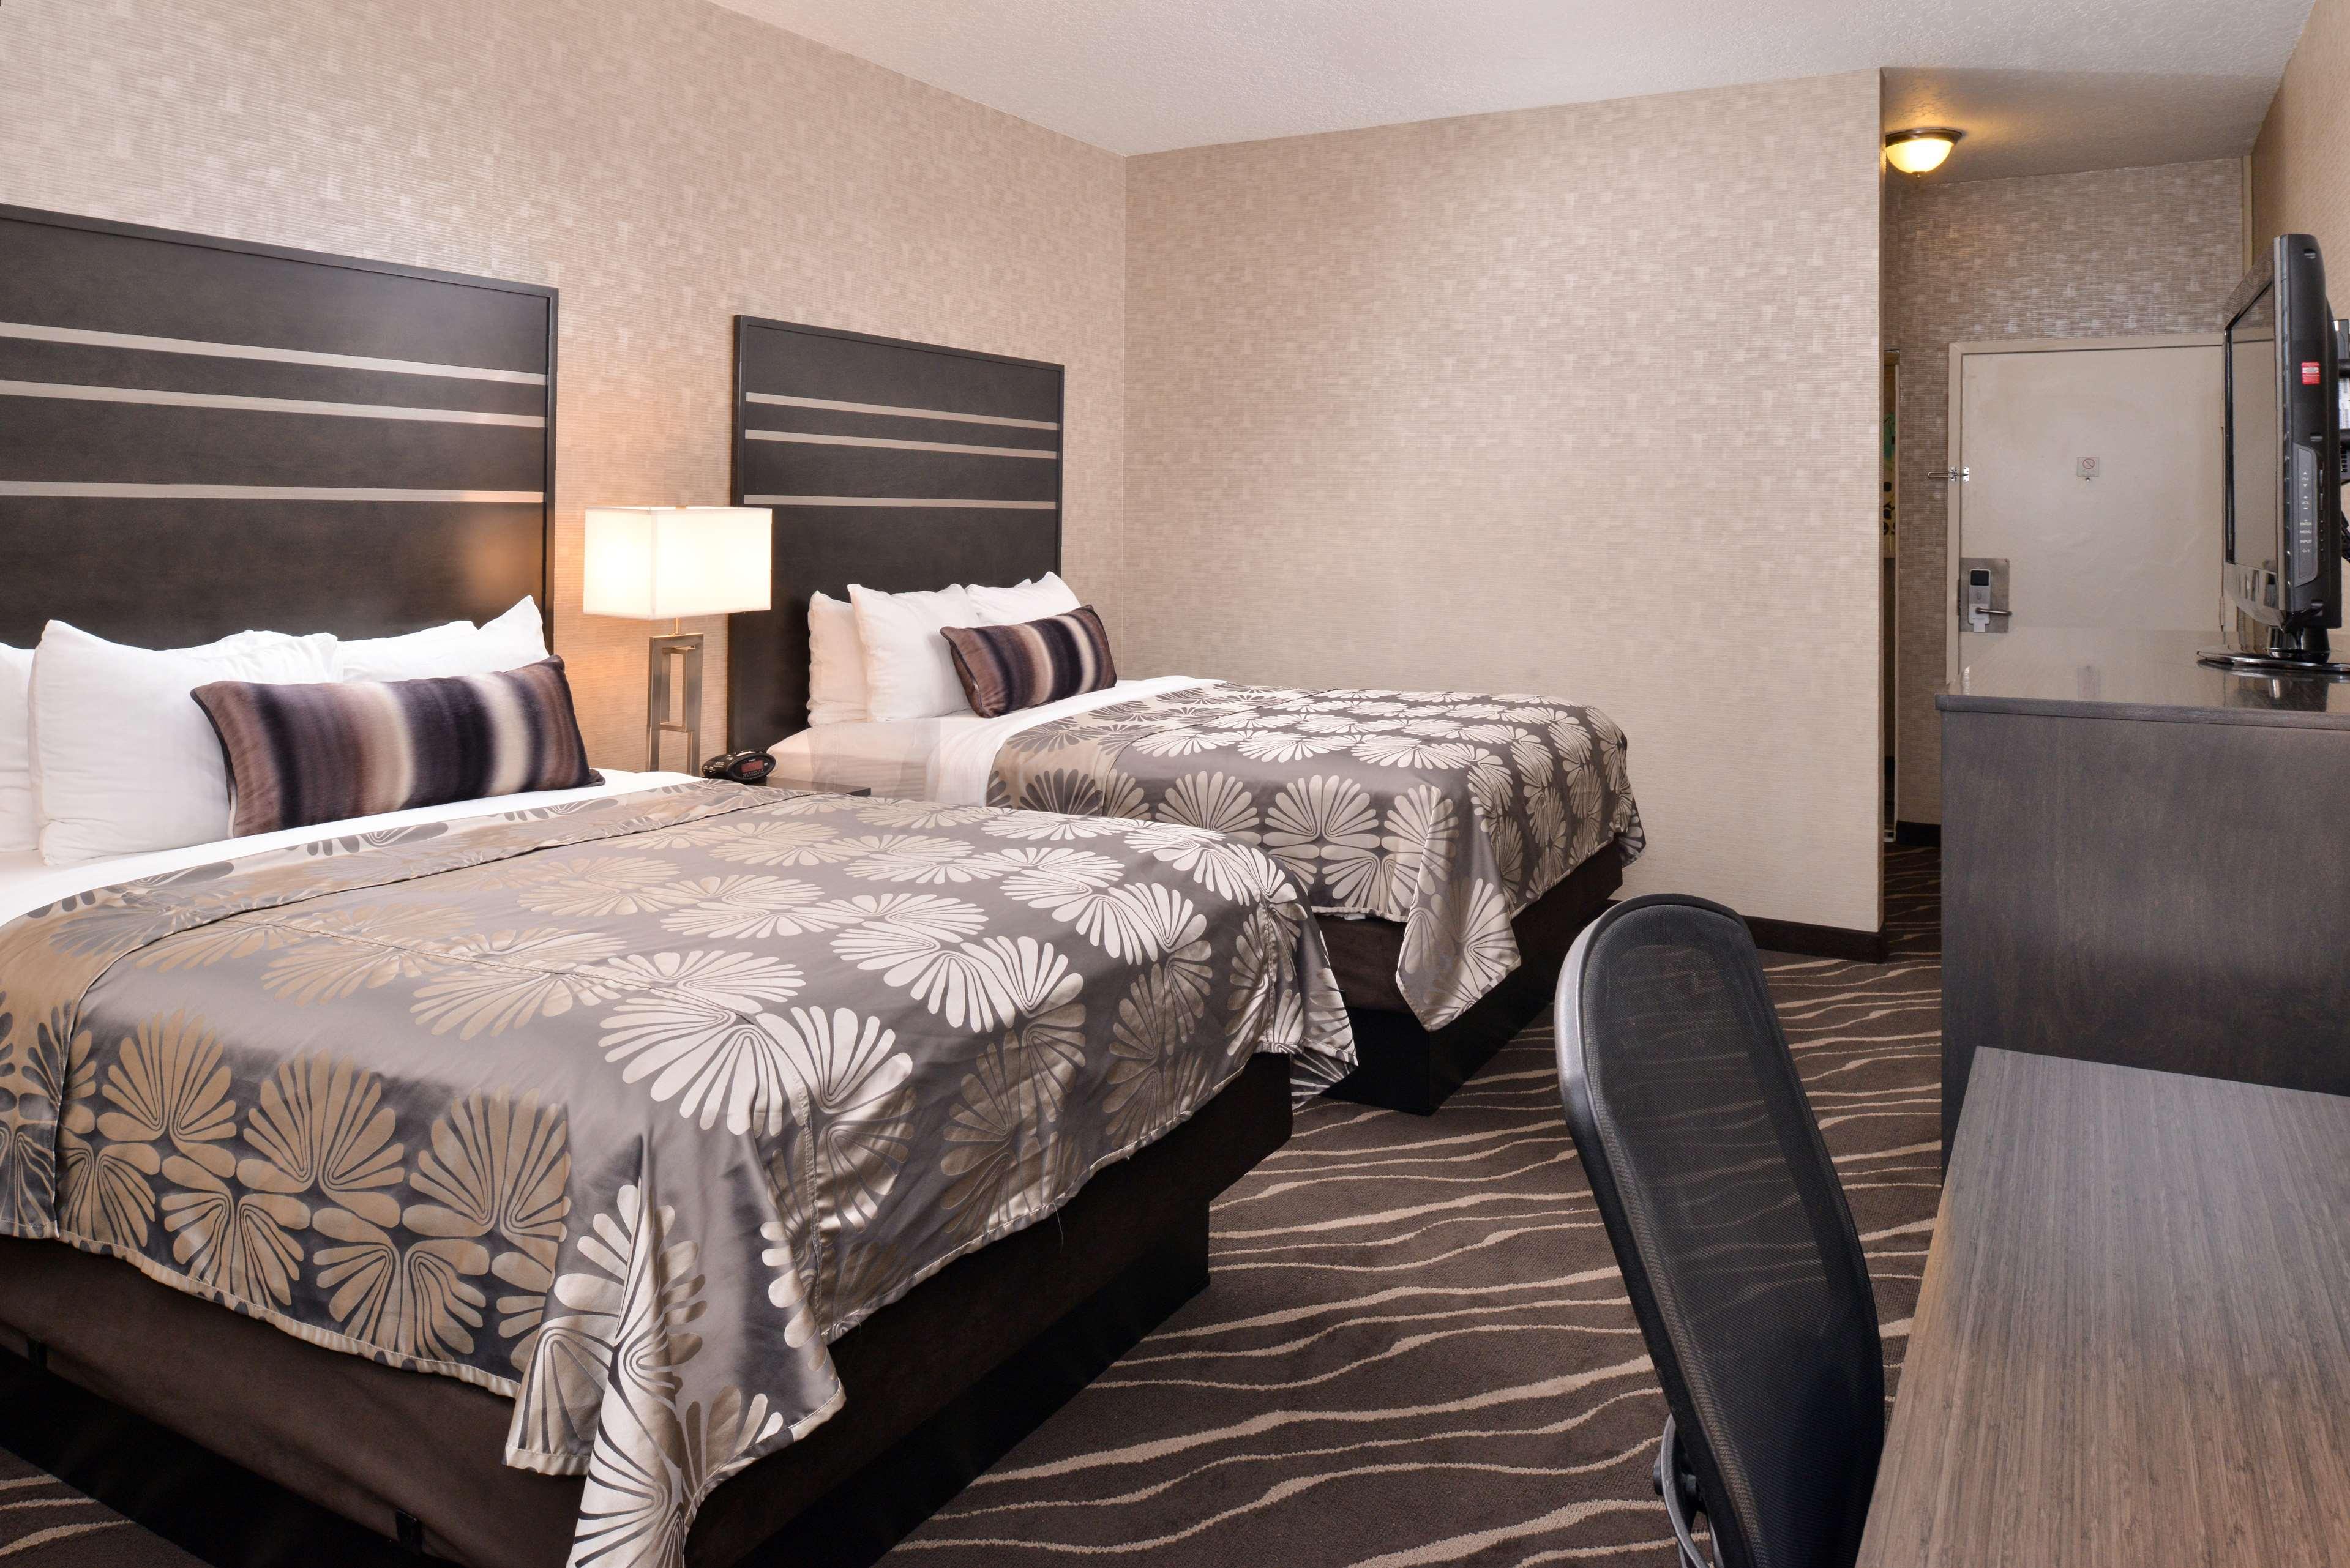 Best Western Plus Park Place Inn - Mini Suites image 24